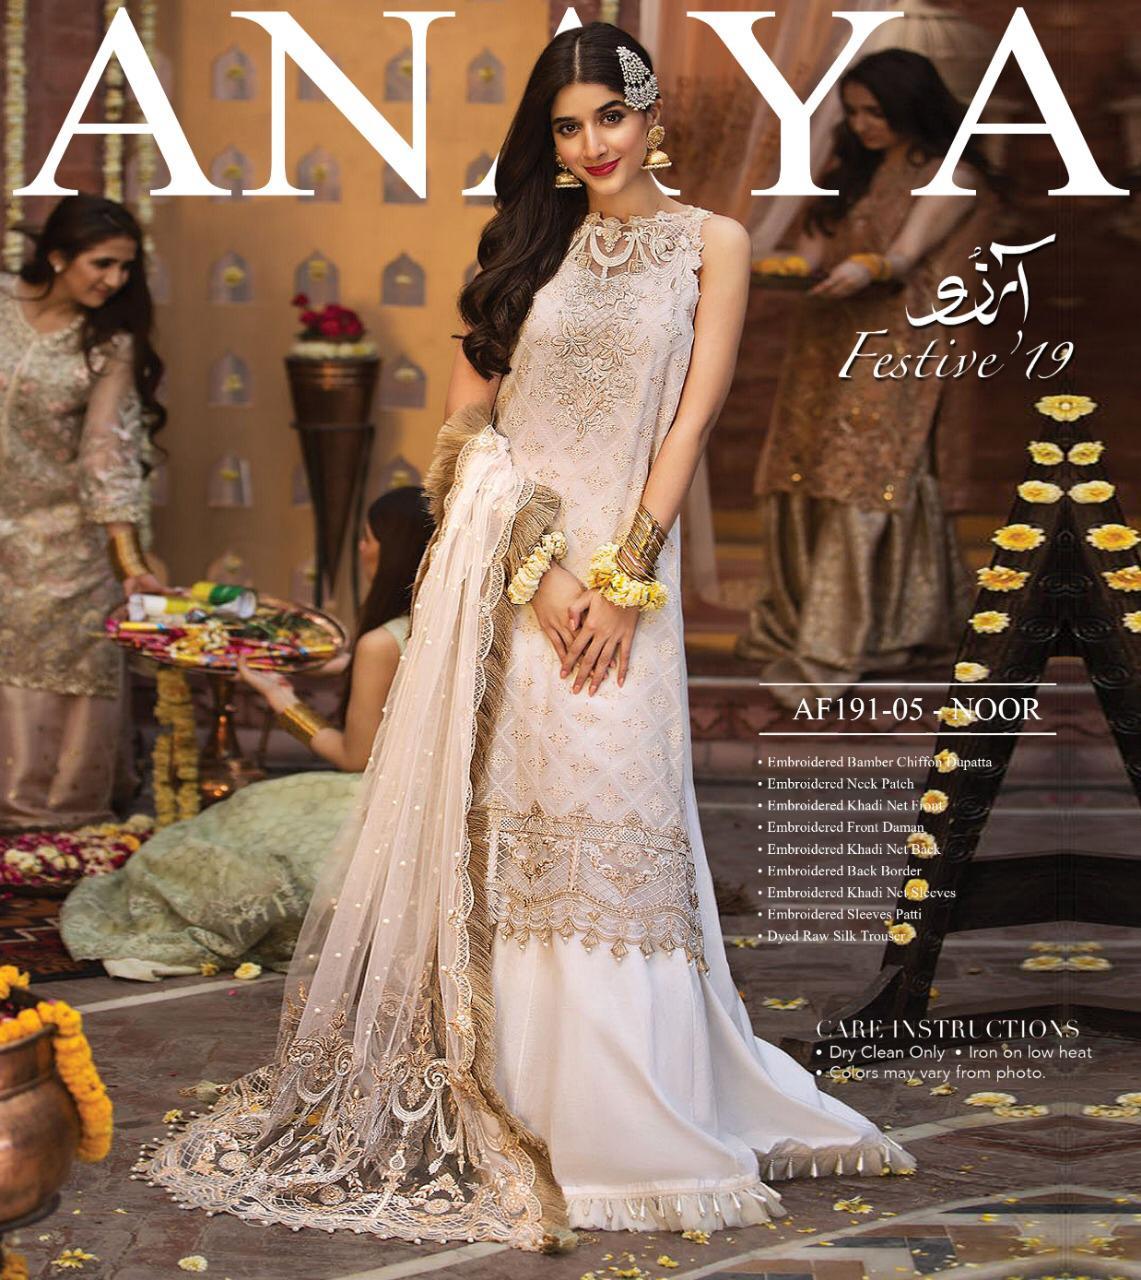 ANAYA FESTIVE 19